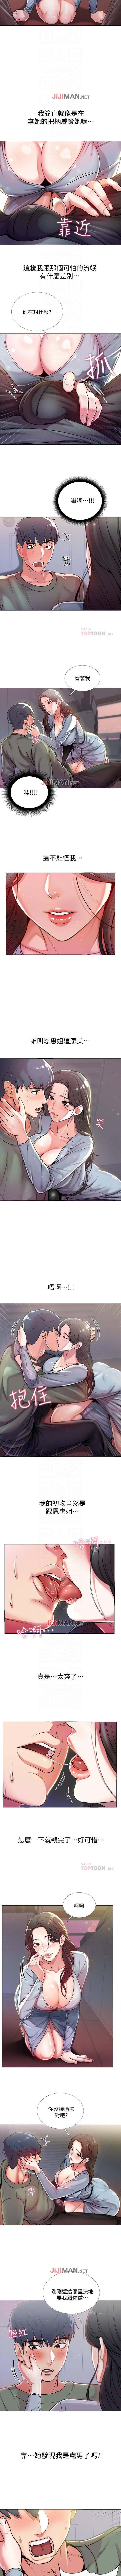 【周三连载】超市的漂亮姐姐(作者:北鼻&逃兵) 第1~40话 44